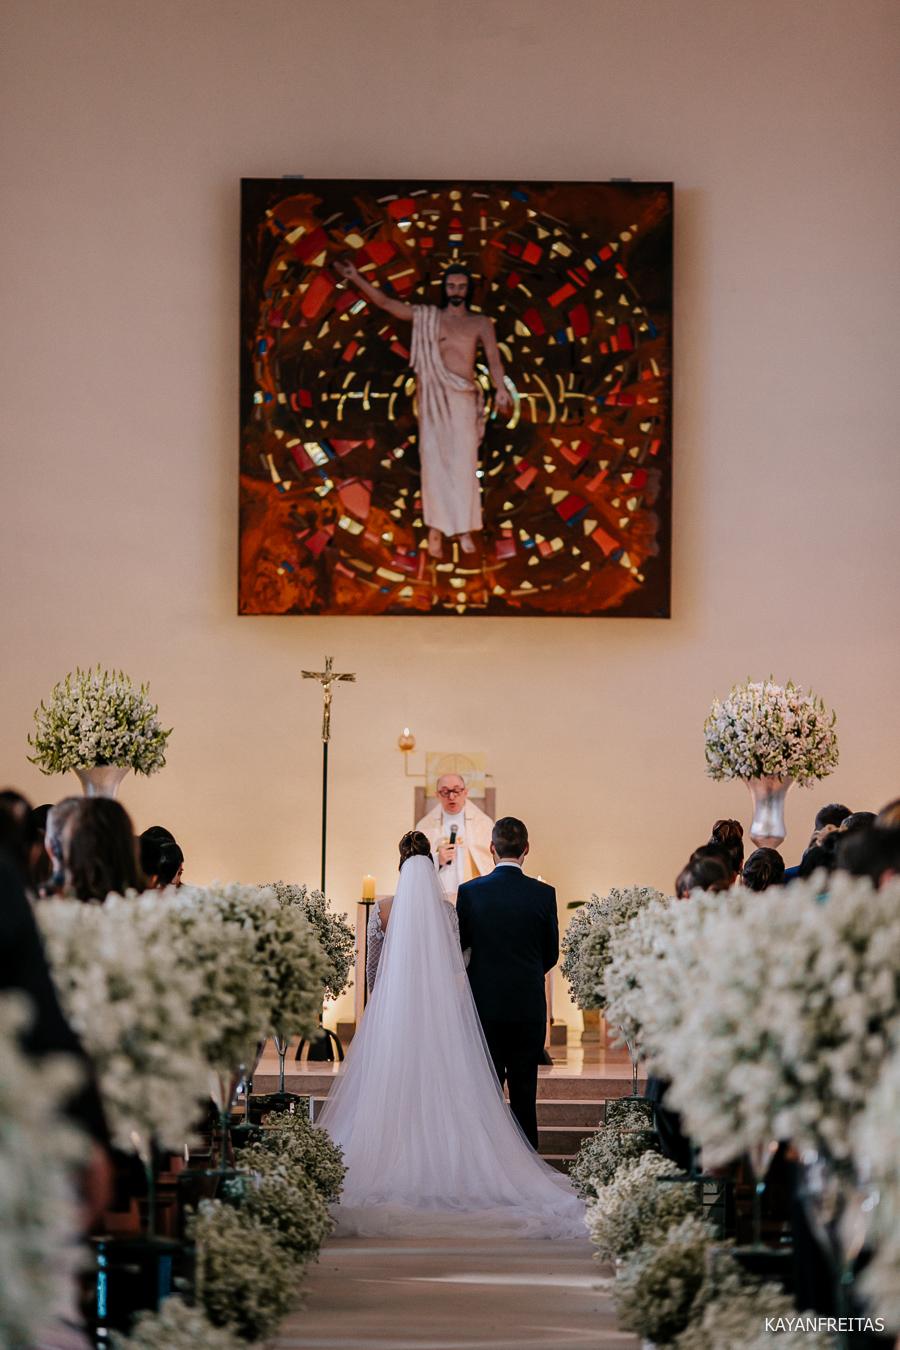 casamento-antonio-carlos-des-0048 Casamento Daniele e Samuel - Antônio Carlos - SC